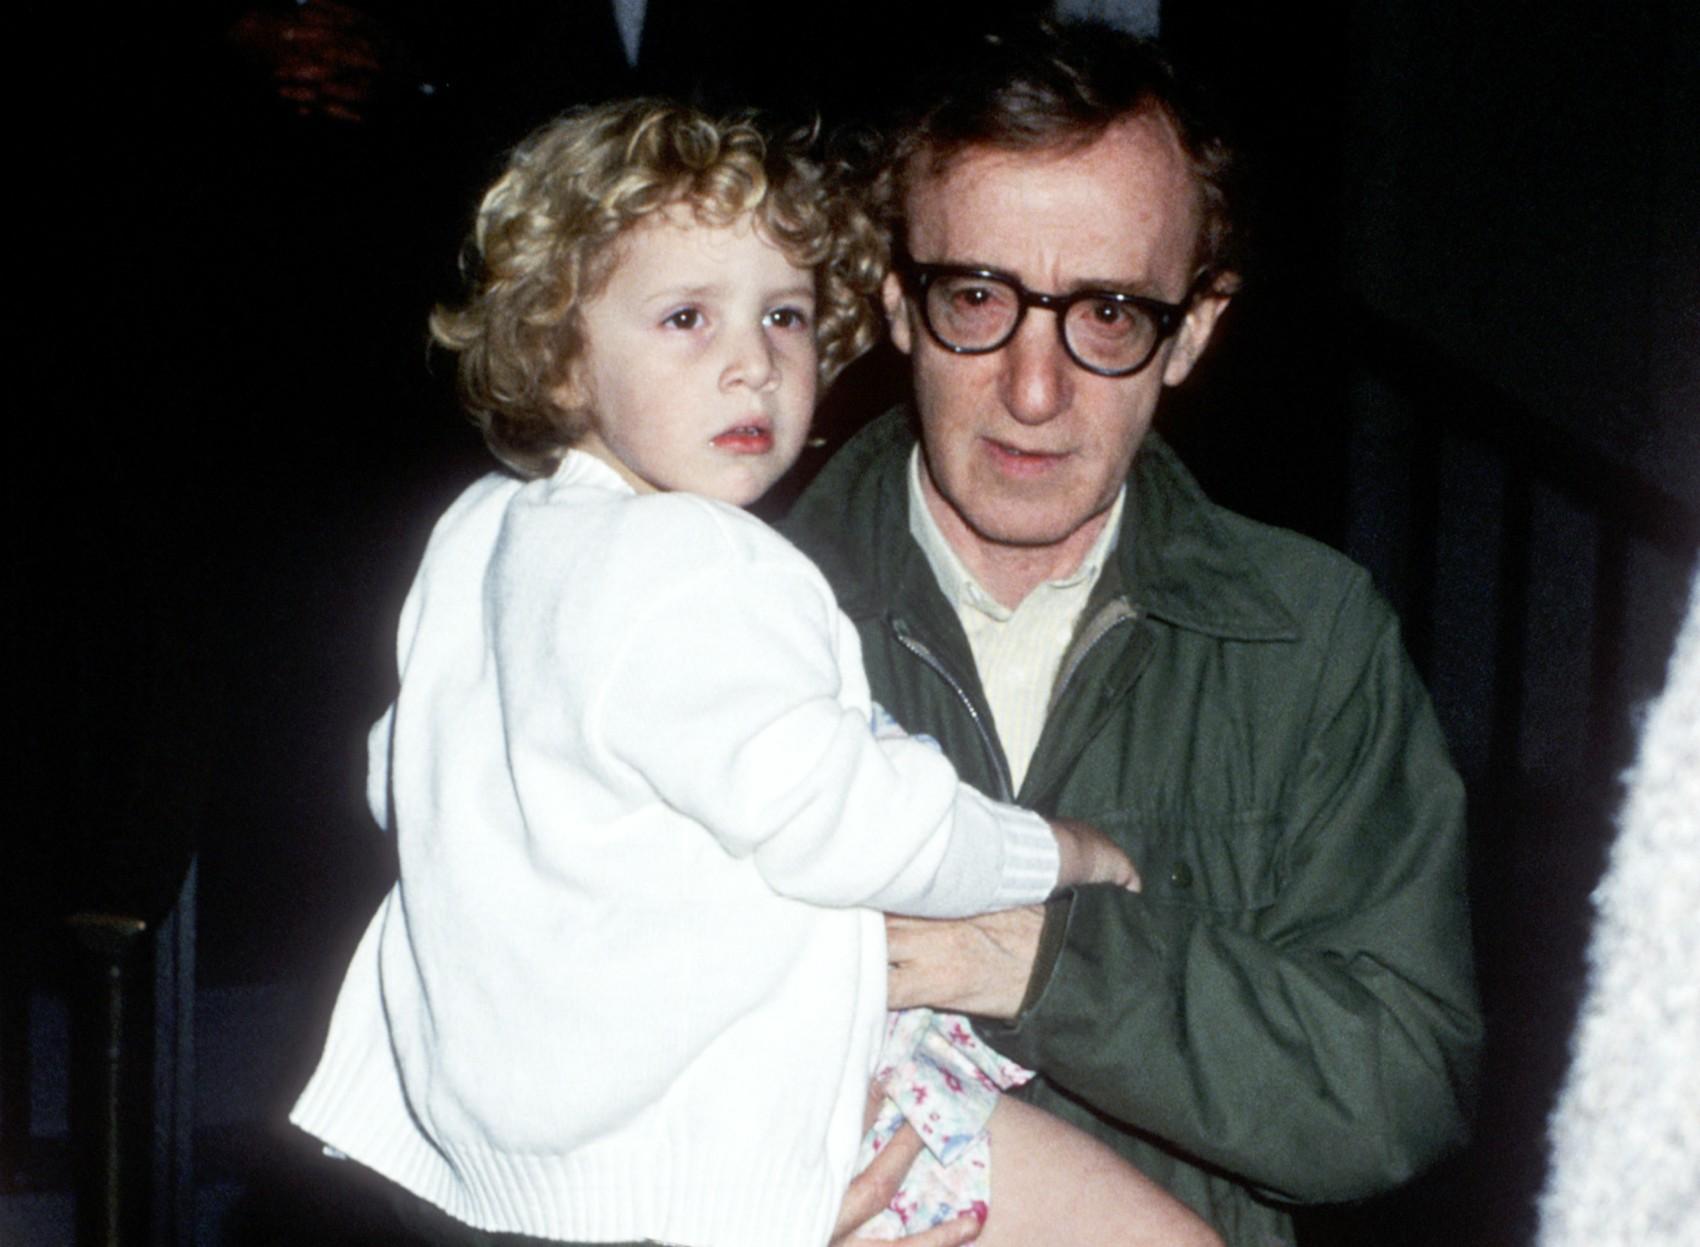 Em 1992, três anos após esta foto ter sido feita, a atriz Mia Farrow acusou Woody Allen de abusar sexualmente desta filha adotiva do casal, Dylan Farrow, à época com 7 anos de idade. Mais de duas décadas se passaram e, desde então, a Justiça não conseguiu chegar a uma conclusão, embora recentemente a própria Dylan tenha afinal decidido falar abertamente sobre o tema e acusar o pai. Allen nega tudo. (Foto: Getty Images)